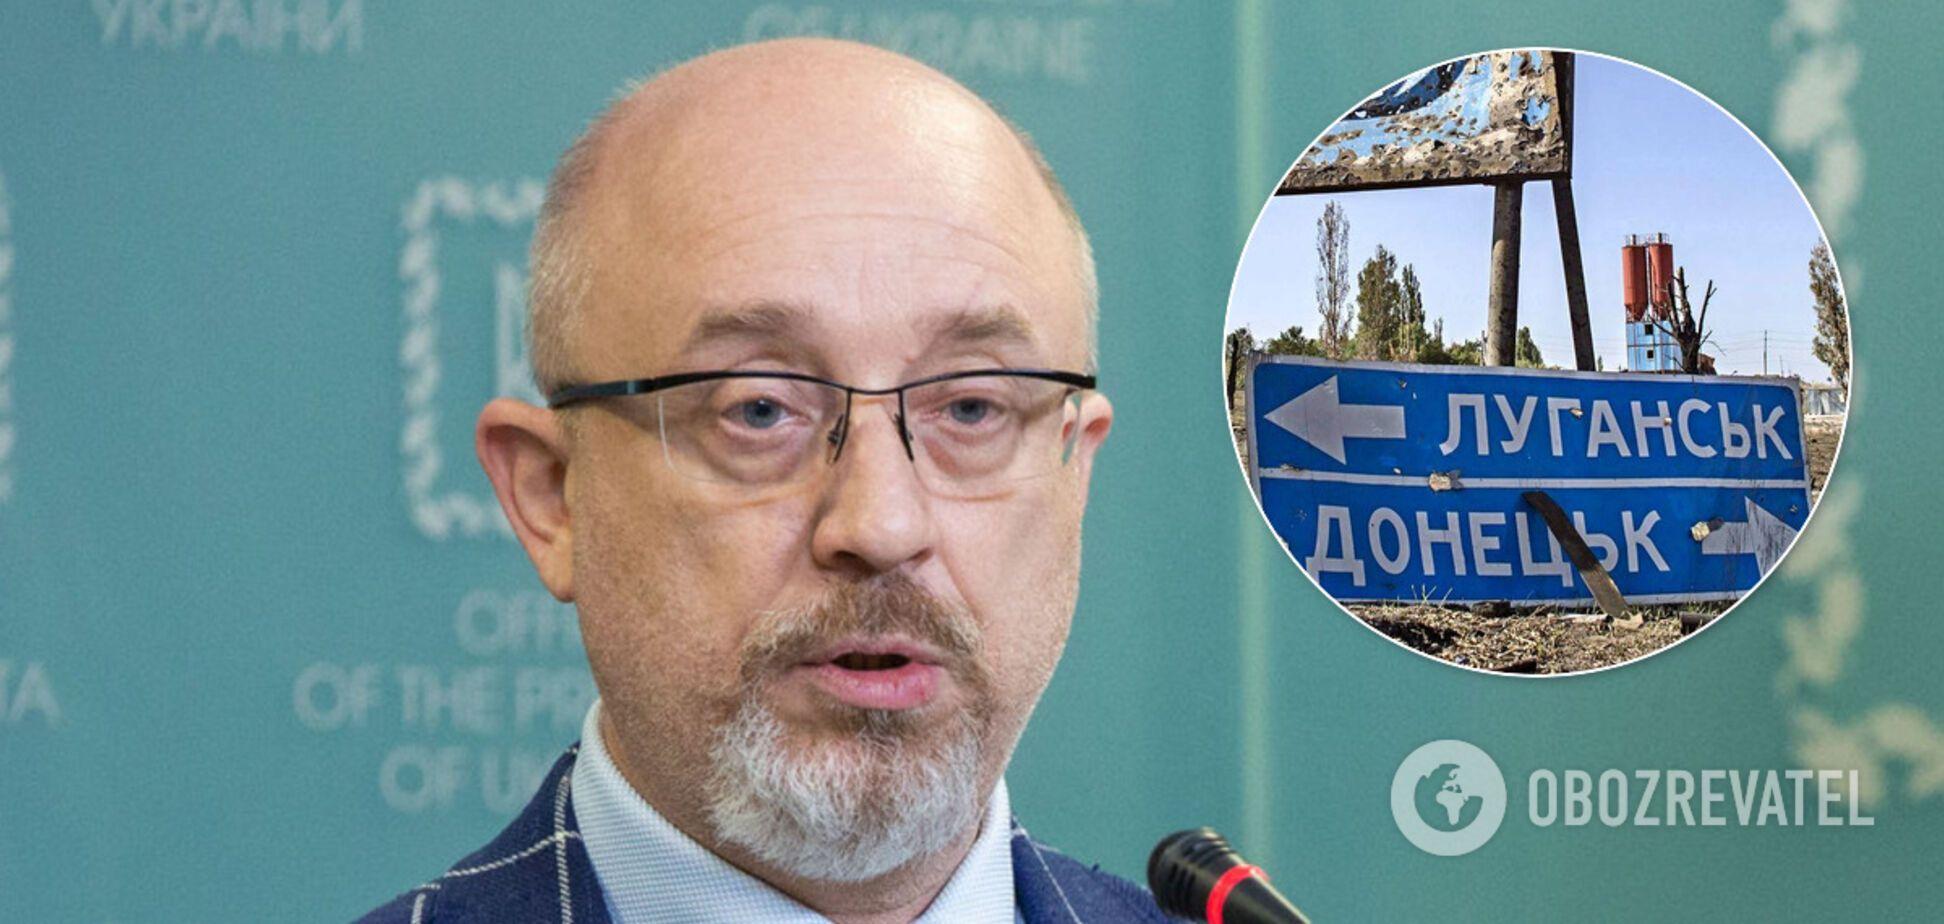 Якими способами збираються оживляти економіку на Донбасі